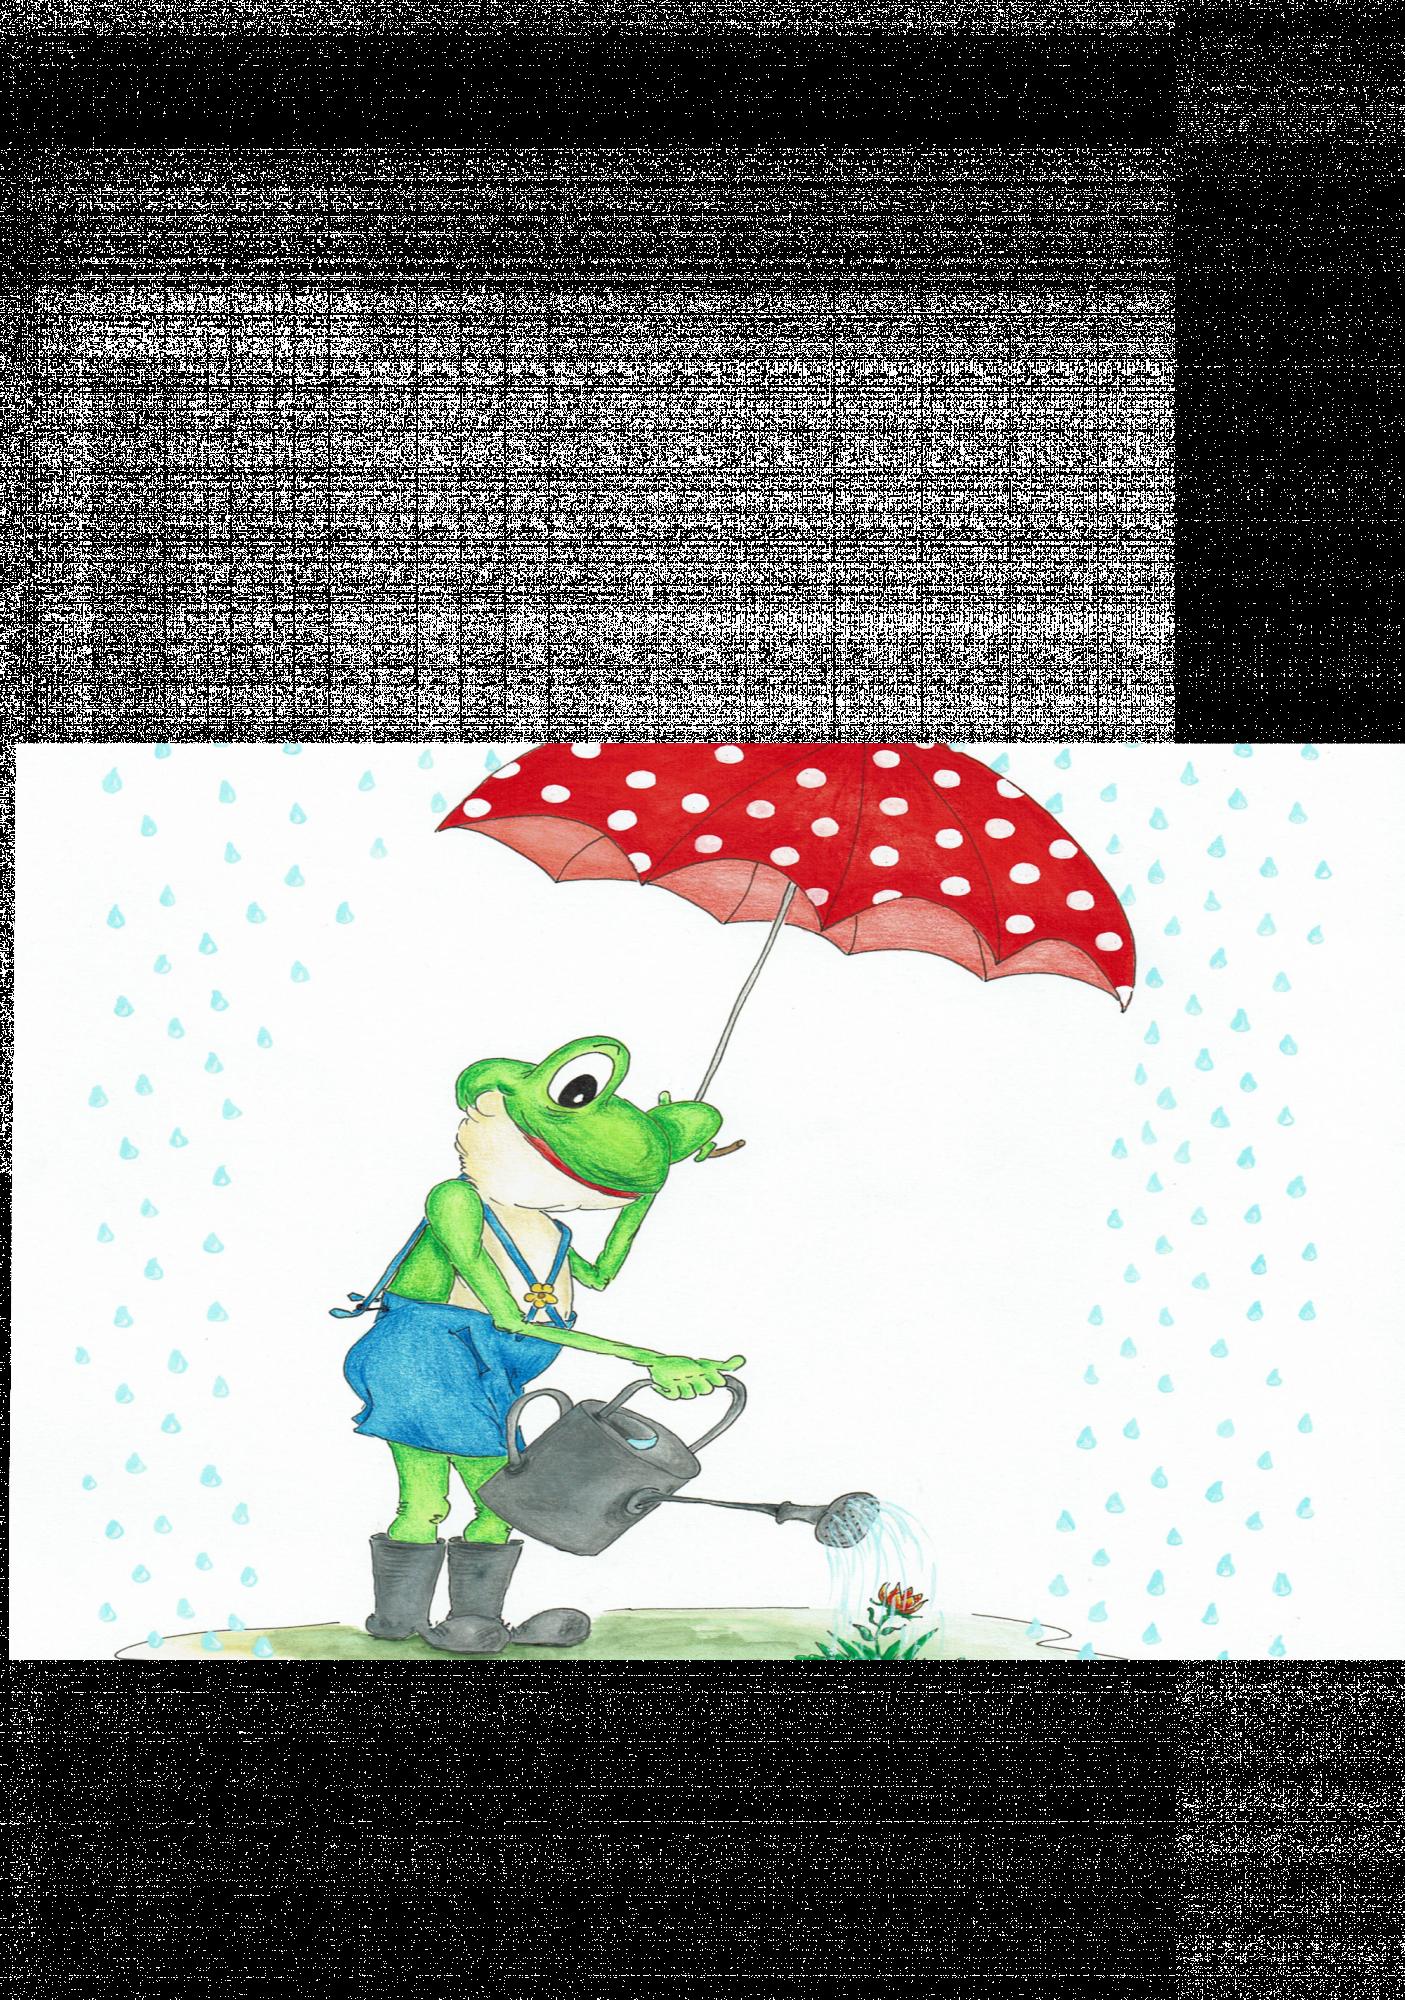 Frosch im Regen Ausmalbild farbig png